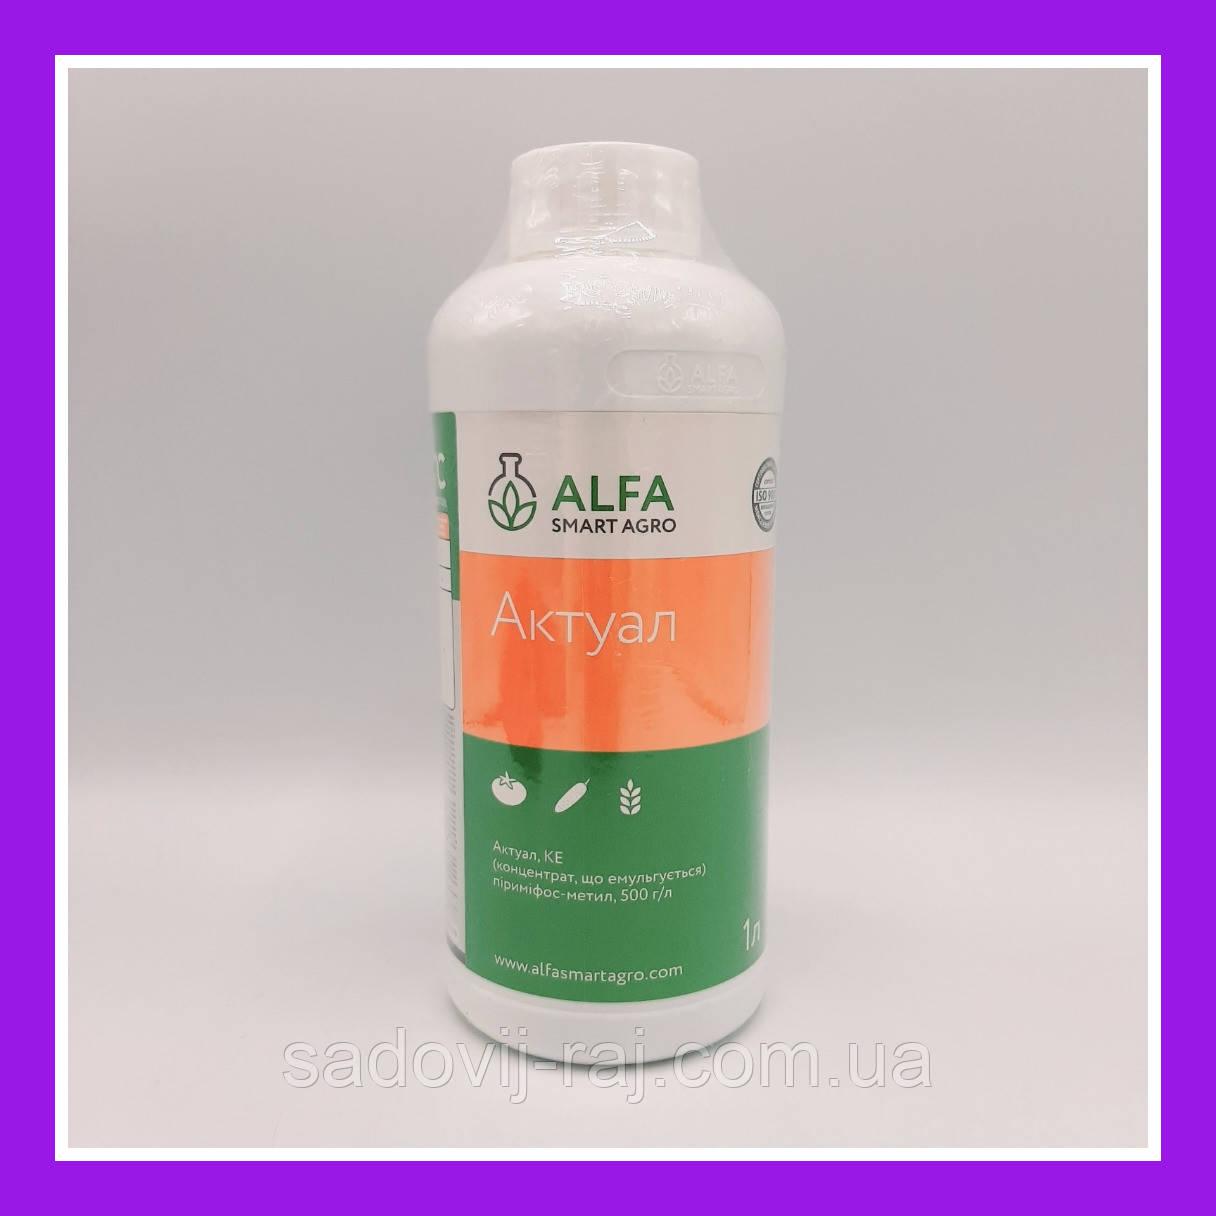 Инсектицид Актуал 1л ( аналог Актеллик)  ALFA Smart Agro